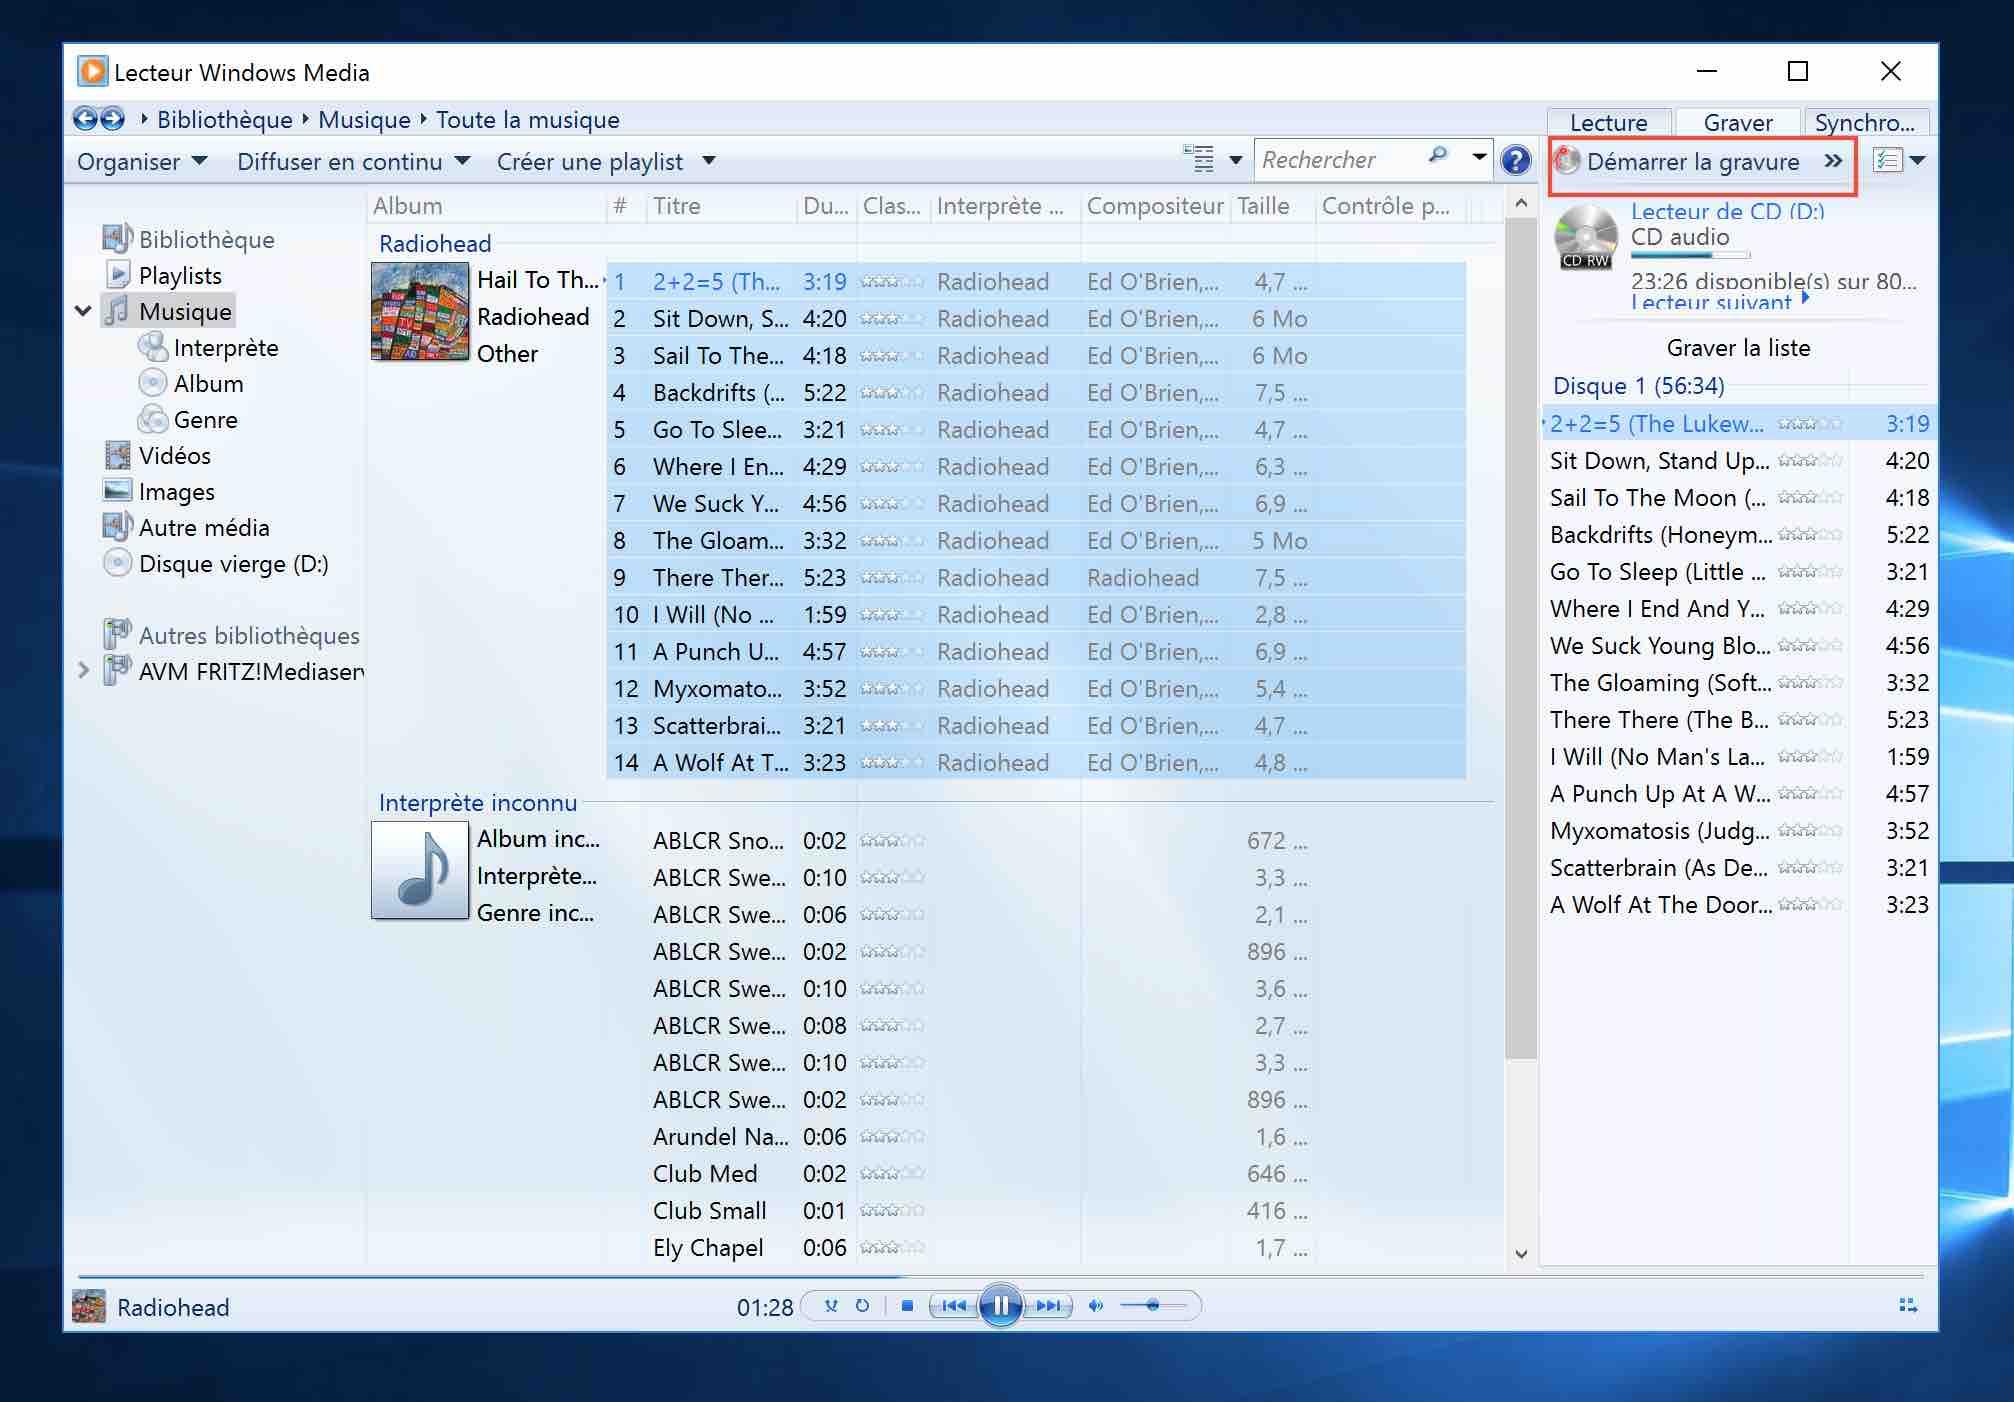 Si vous souhaitez graver vos fichiers MP3 sur un CD pouvant être lu sur un ordinateur et tous les lecteurs de CD, lecteurs de DVD et autoradios, vous devez utiliser Windows Media Player pour télécharger vos fichiers MP3 sur un CD audio (fonctionne également pour WMA et Windows Media Player).